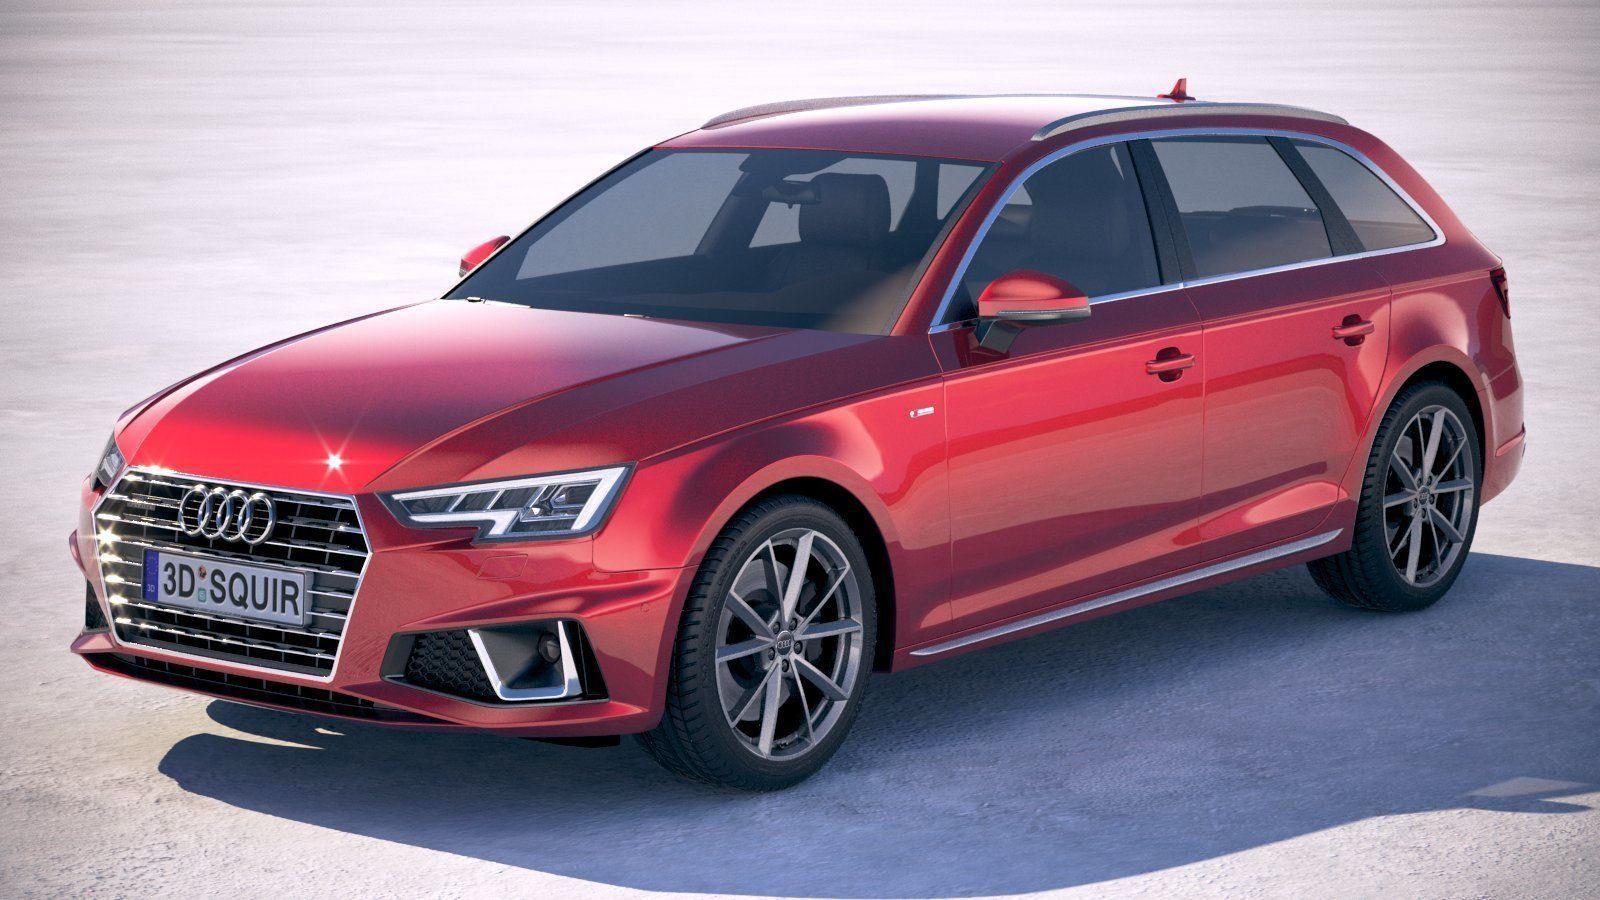 Audi A4 S-Line Avant 2019